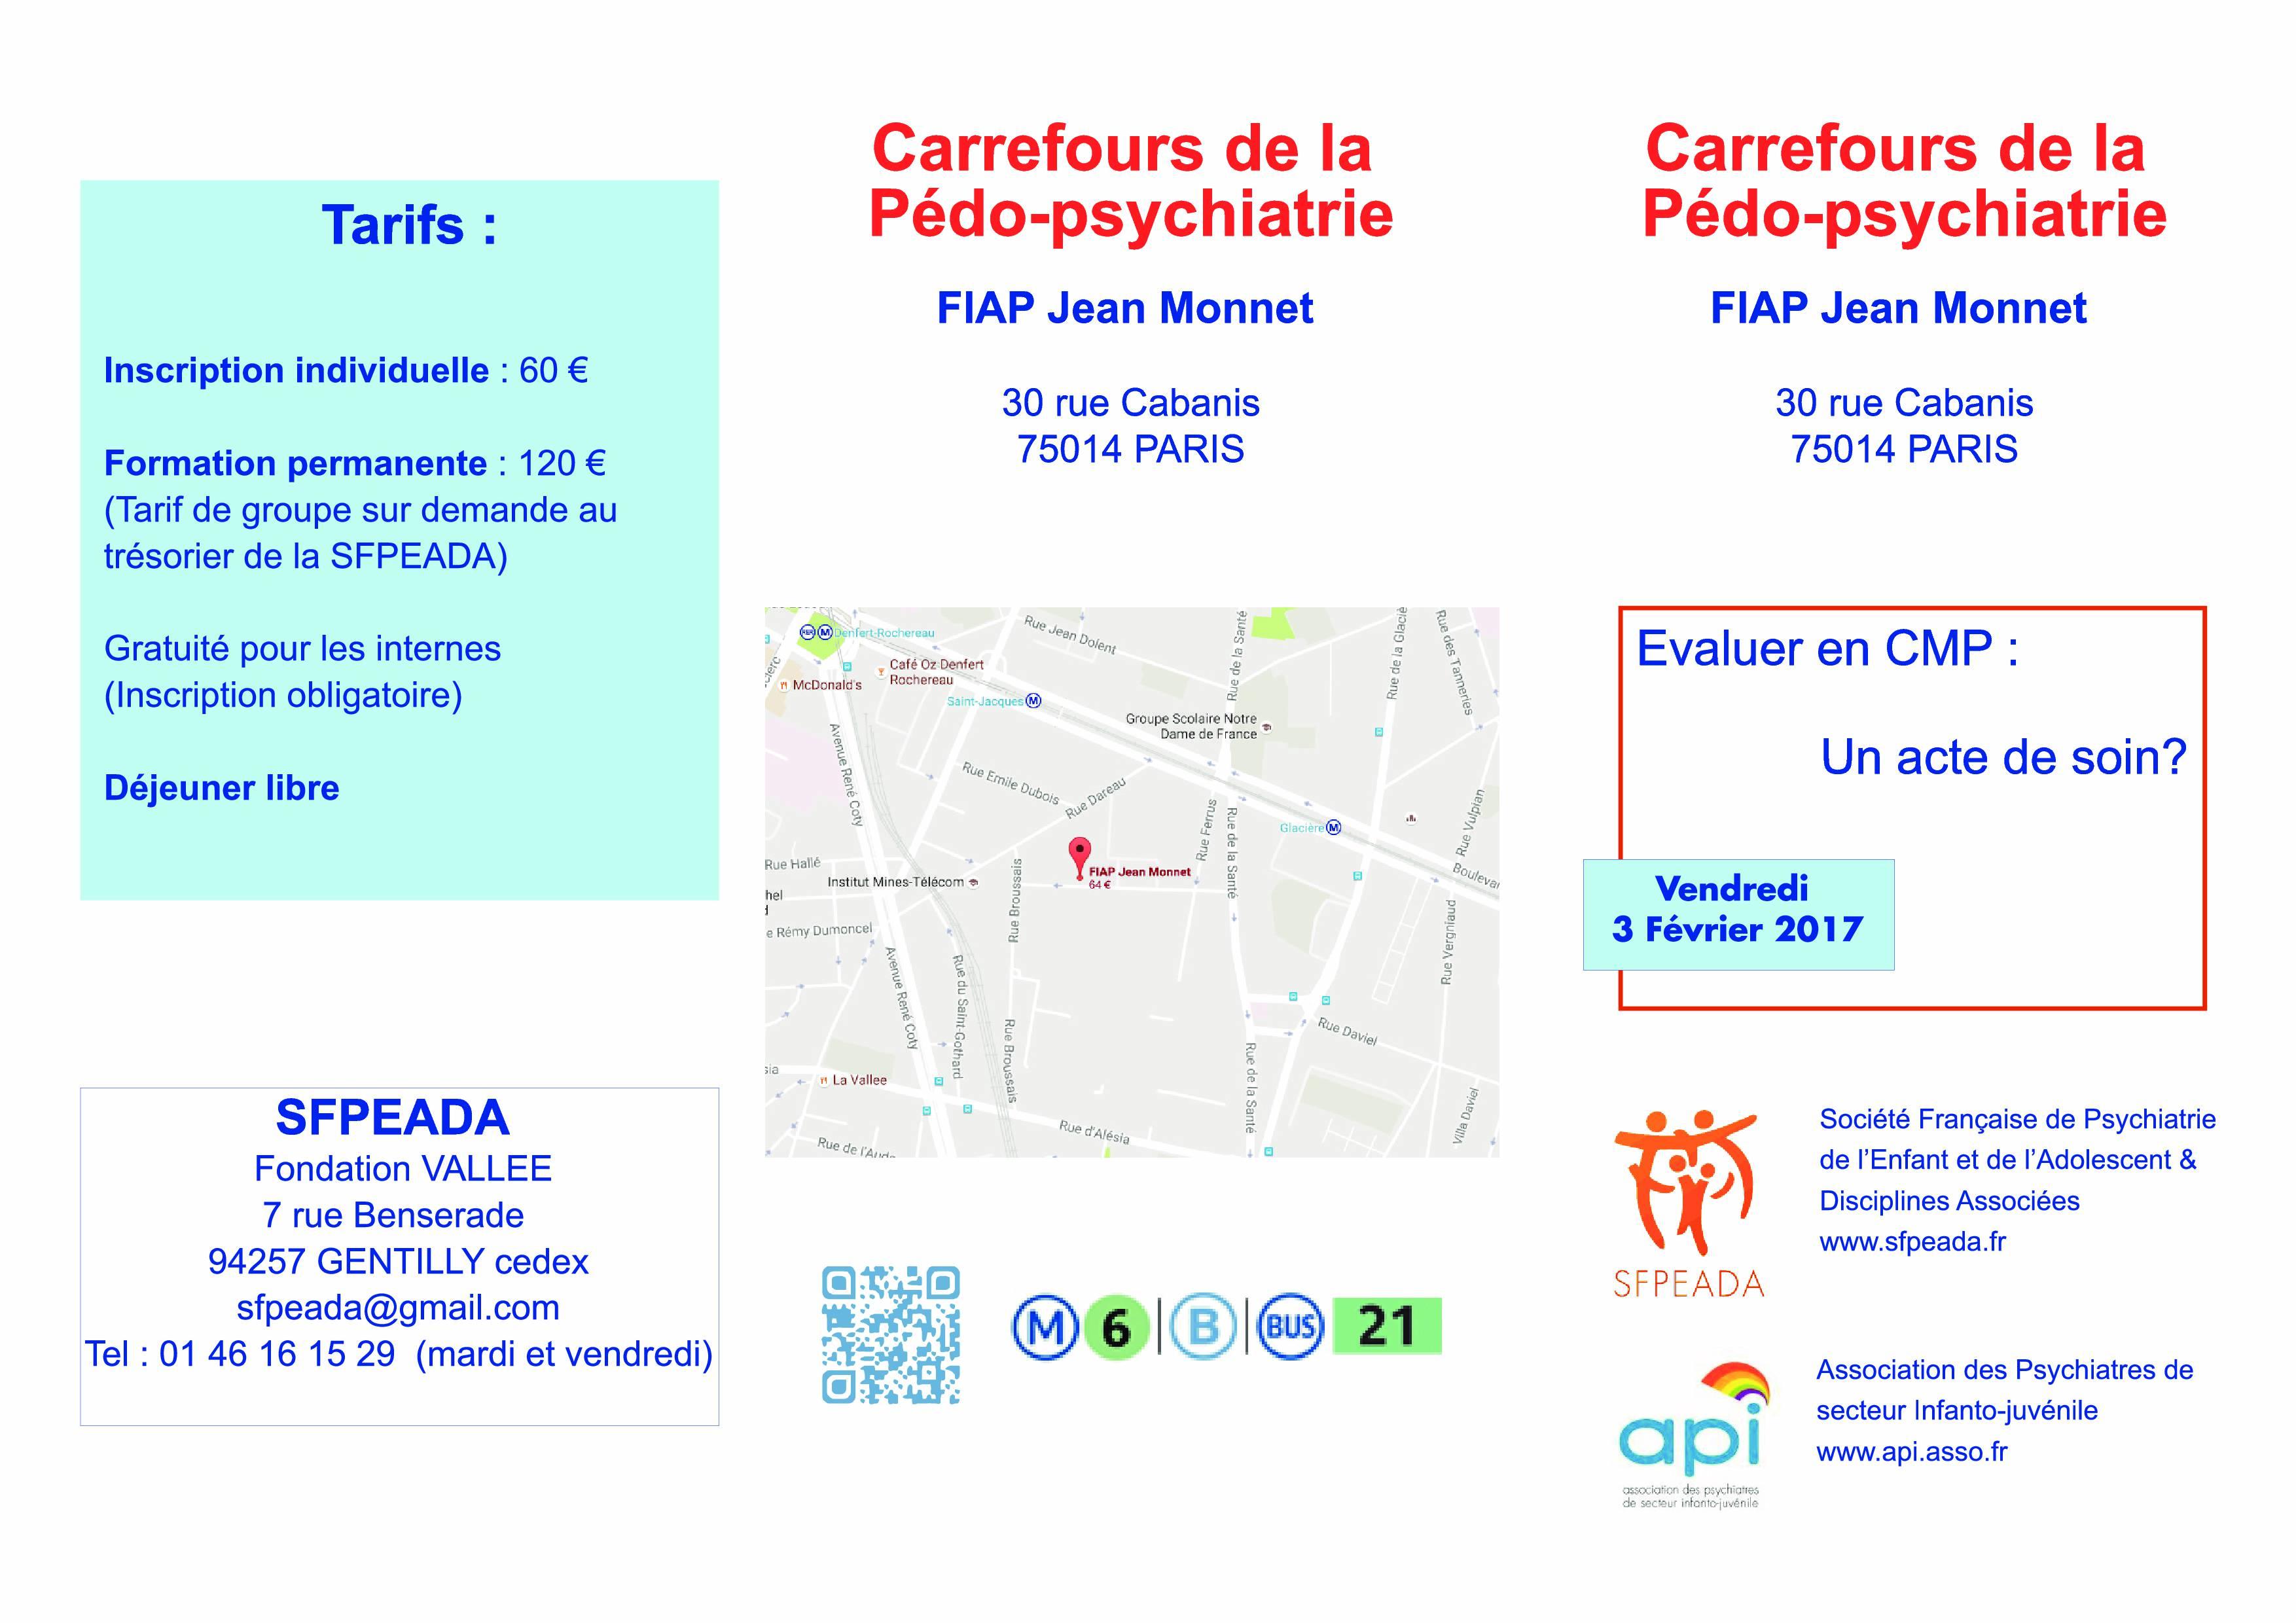 carrefours-du-3-fevrier-2017-1